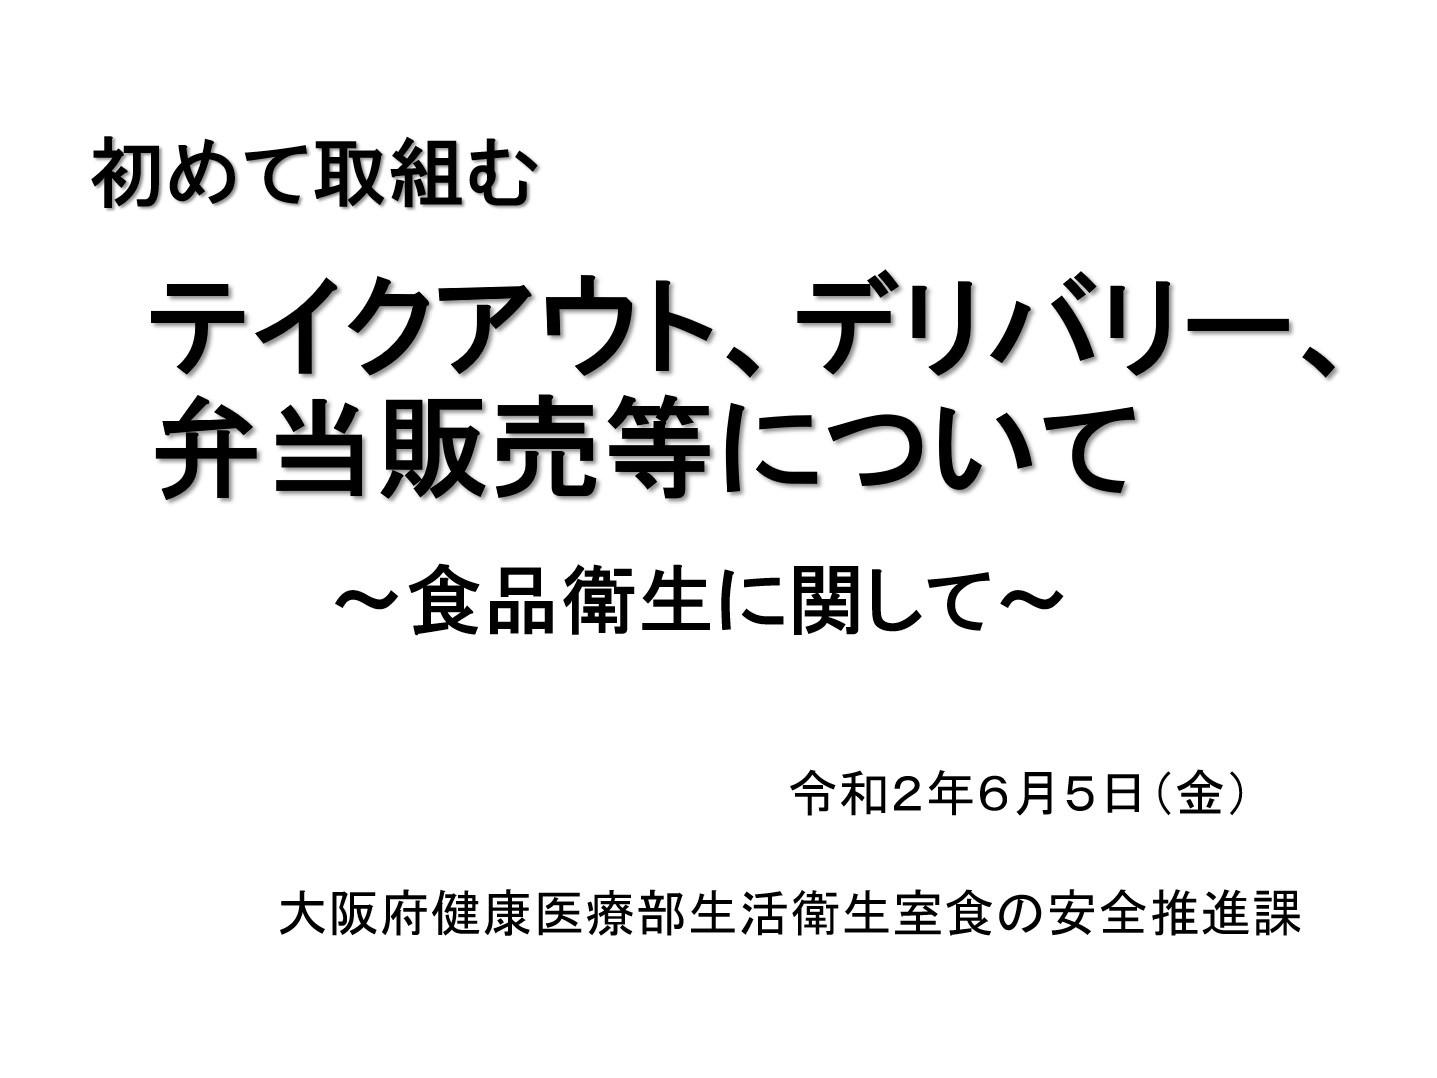 辻調オンラインセミナー①「初めて取り組むテイクアウト、デリバリー、弁当販売」